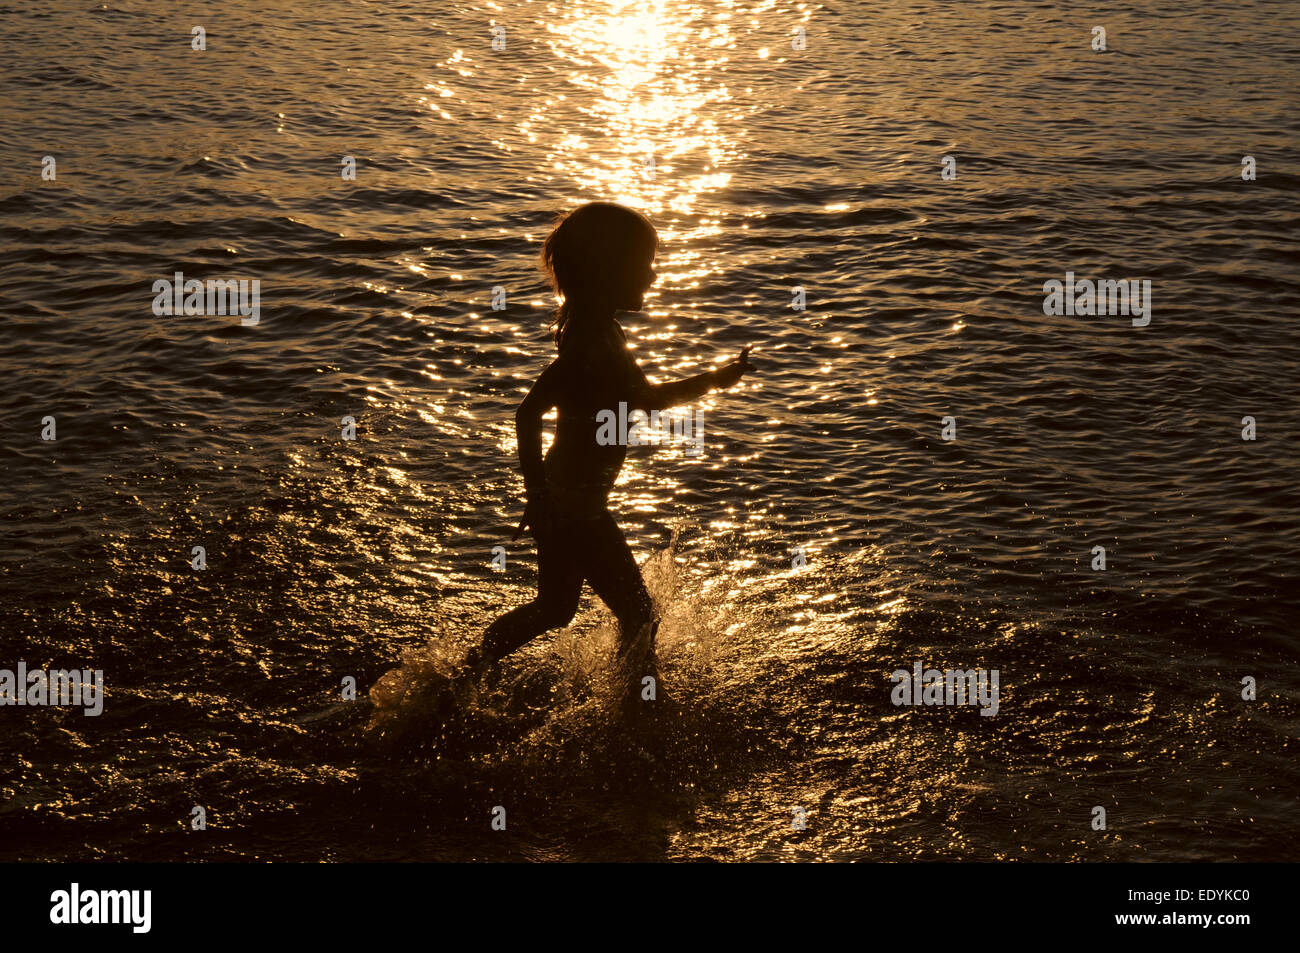 Petite fille est en cours d'exécution dans les eaux peu profondes.Seulement la silhouette de jeune fille Photo Stock